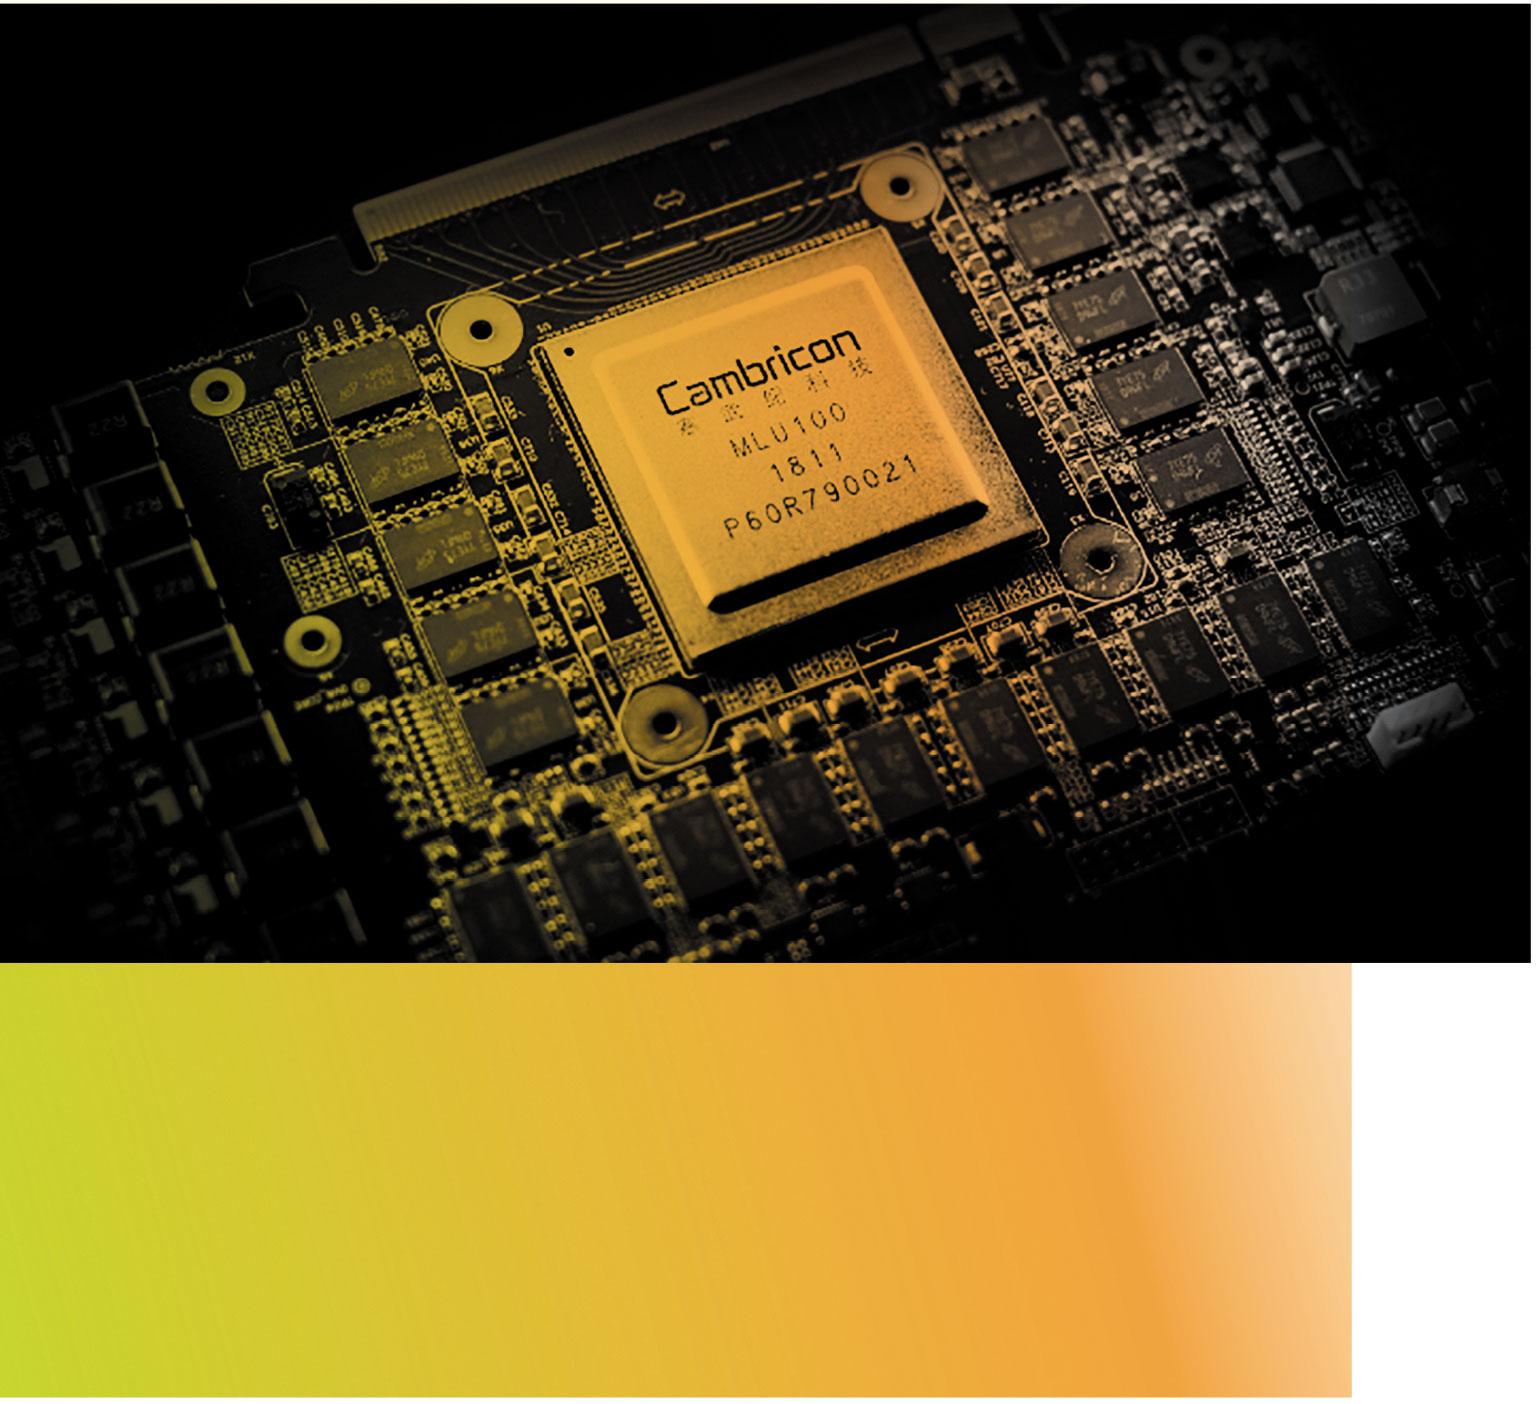 Cambricon, una de las startups más valiosas del país, está vendiendo nuevos chips especialmente diseñados para aplicaciones en la nube de inteligencia artificial.